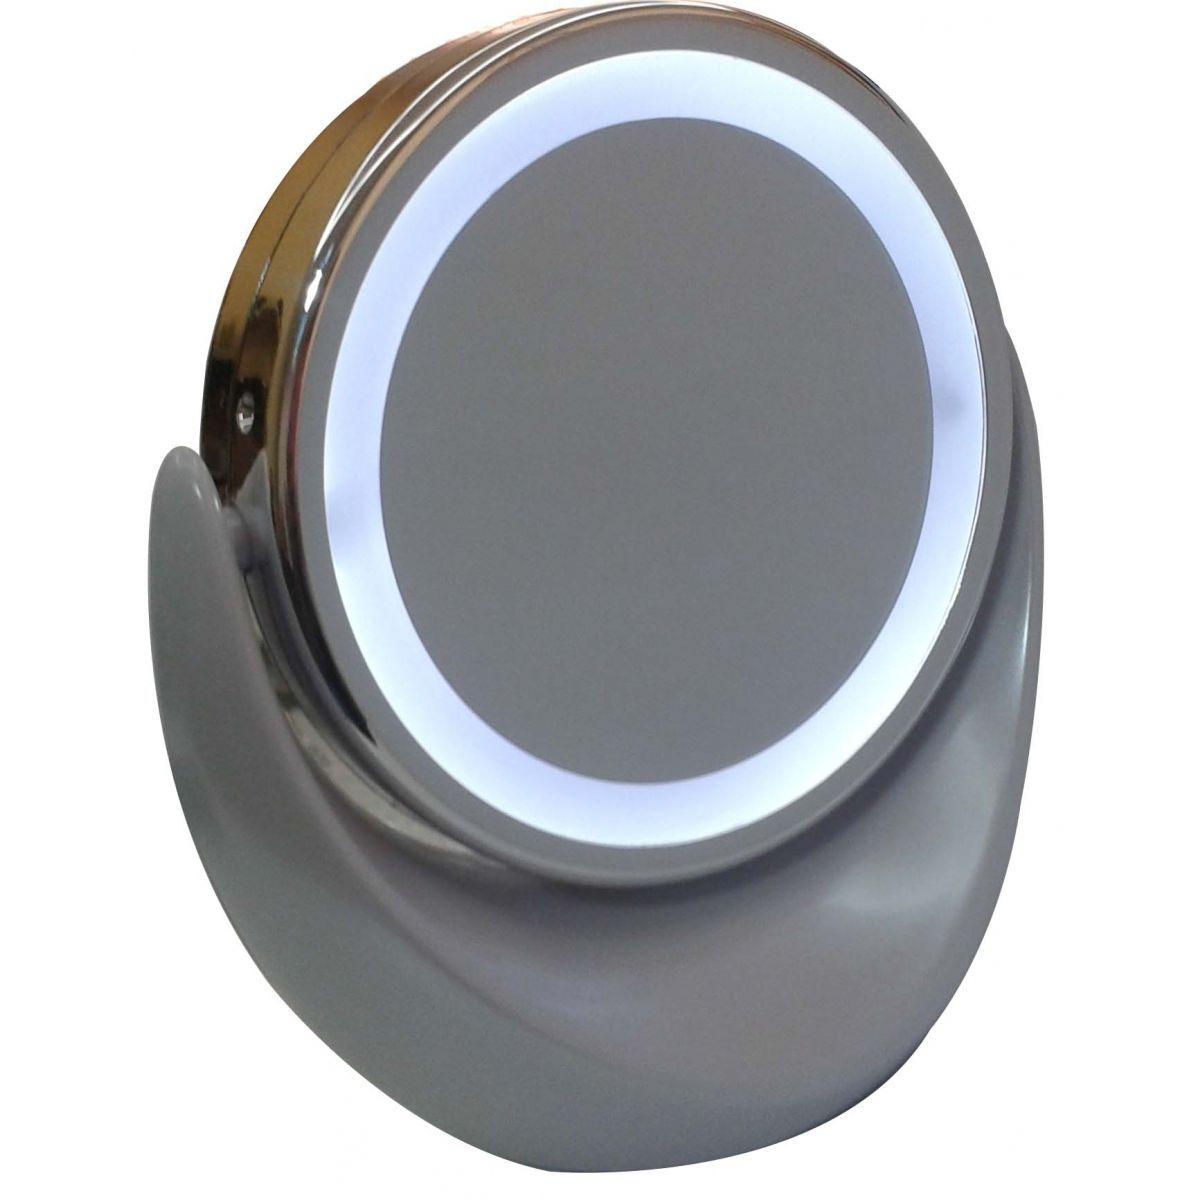 Espelho com Iluminação Luz de LED Duplo - Frete Grátis  - Mundo Thata